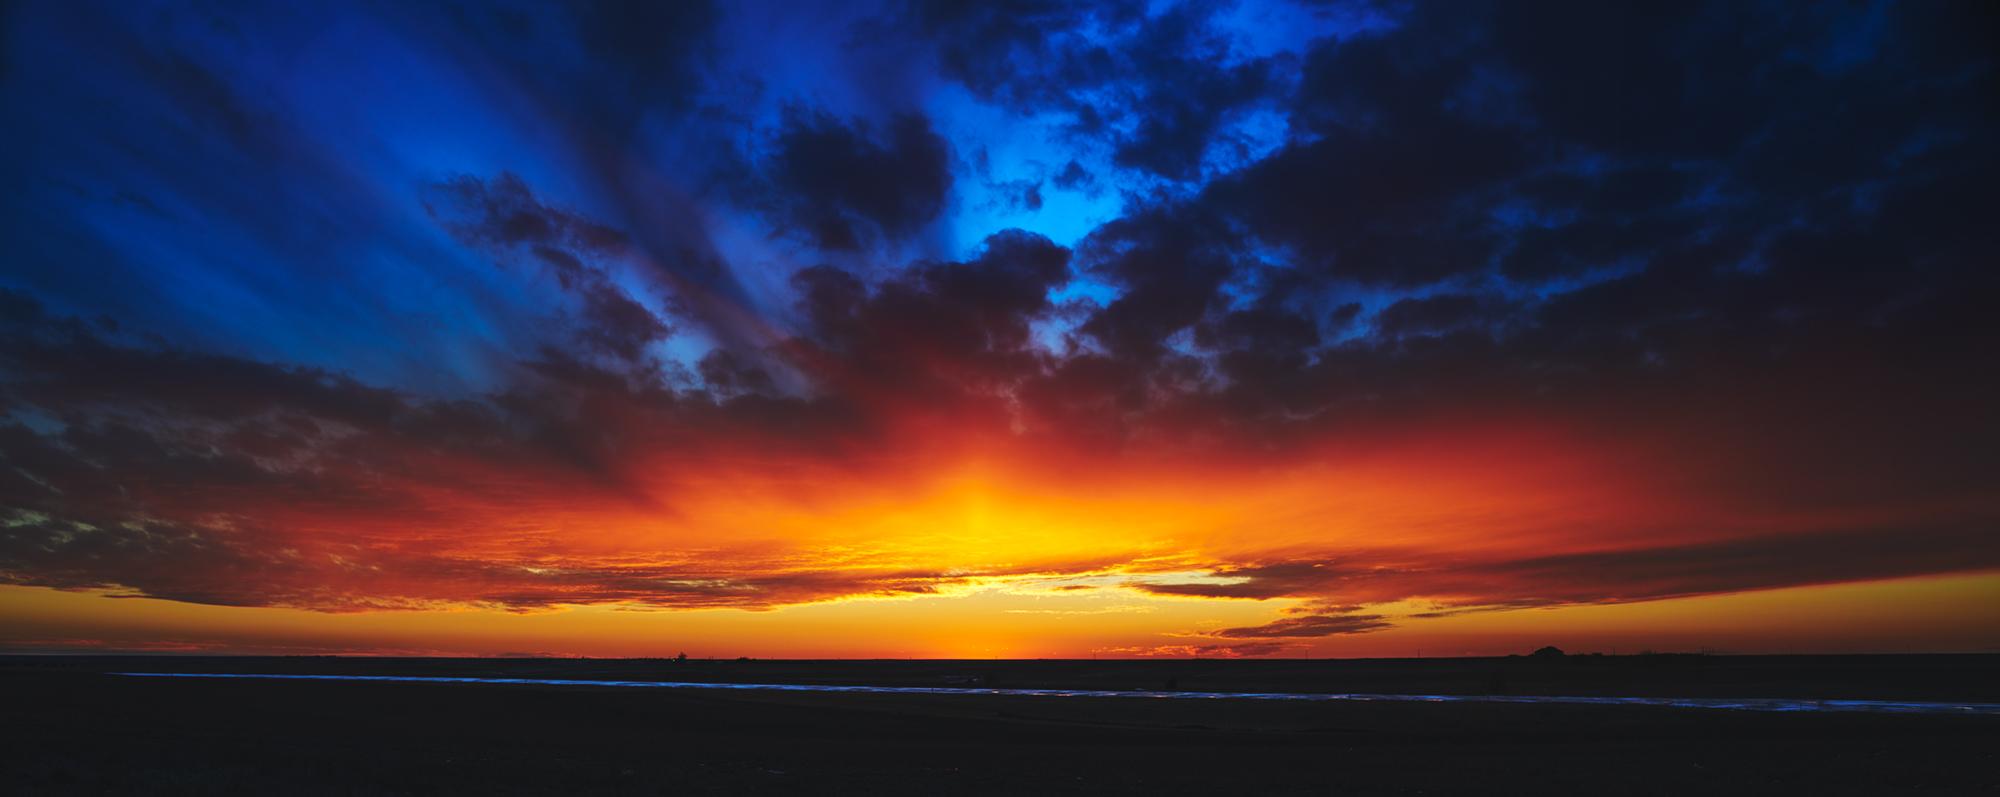 Wakeeney sunset .jpg